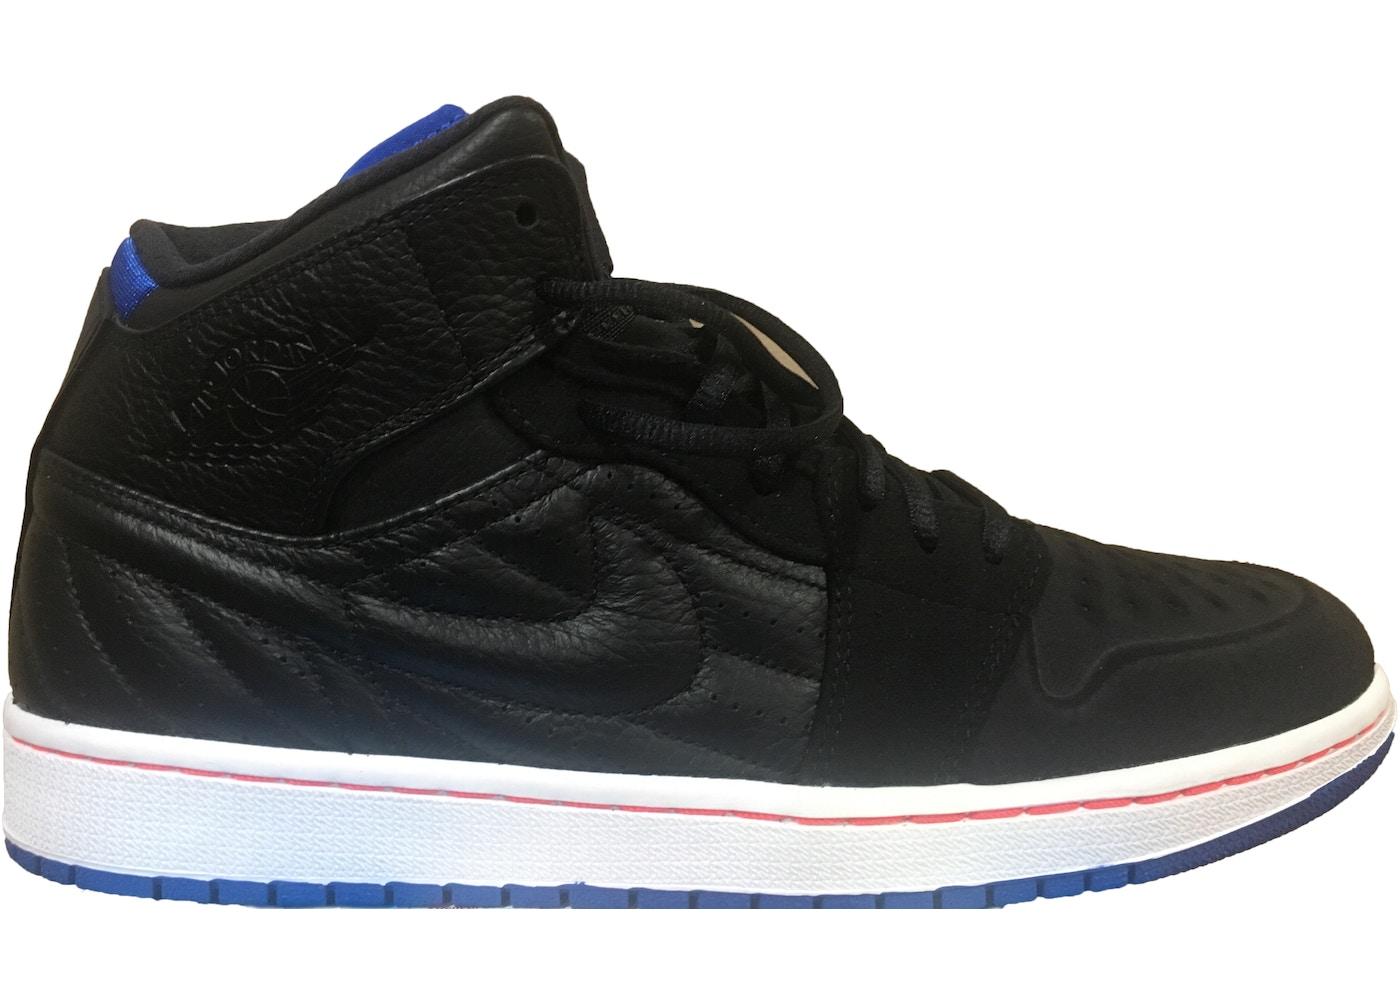 34d499aee8d Sell. or Ask. Size: 9.5. View All Bids. Jordan Air Jordan 1 Retro ' 99 ...